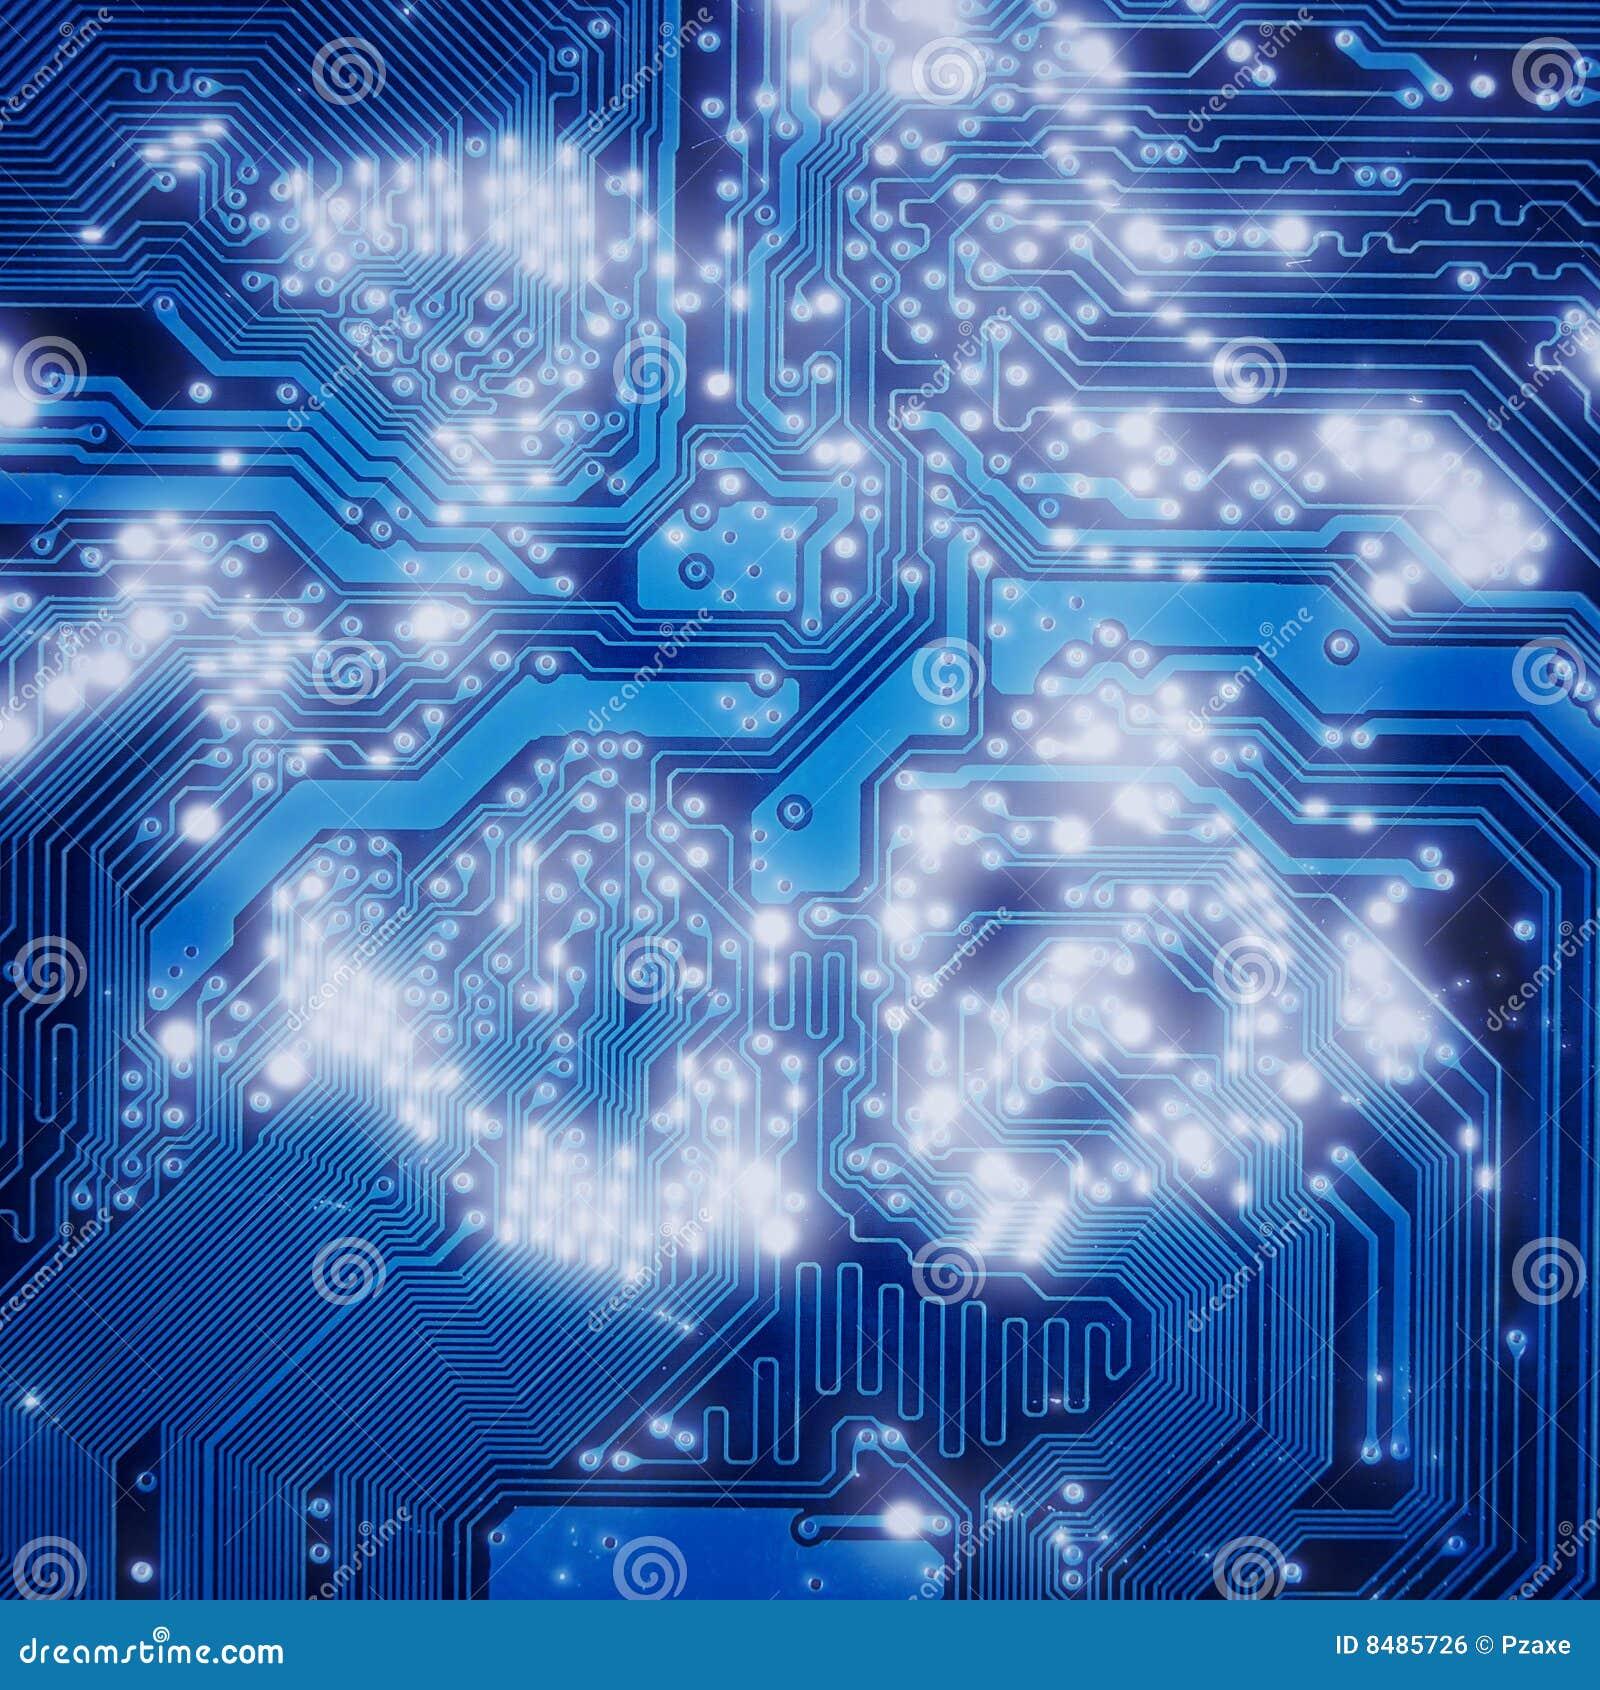 electronic world background - photo #19